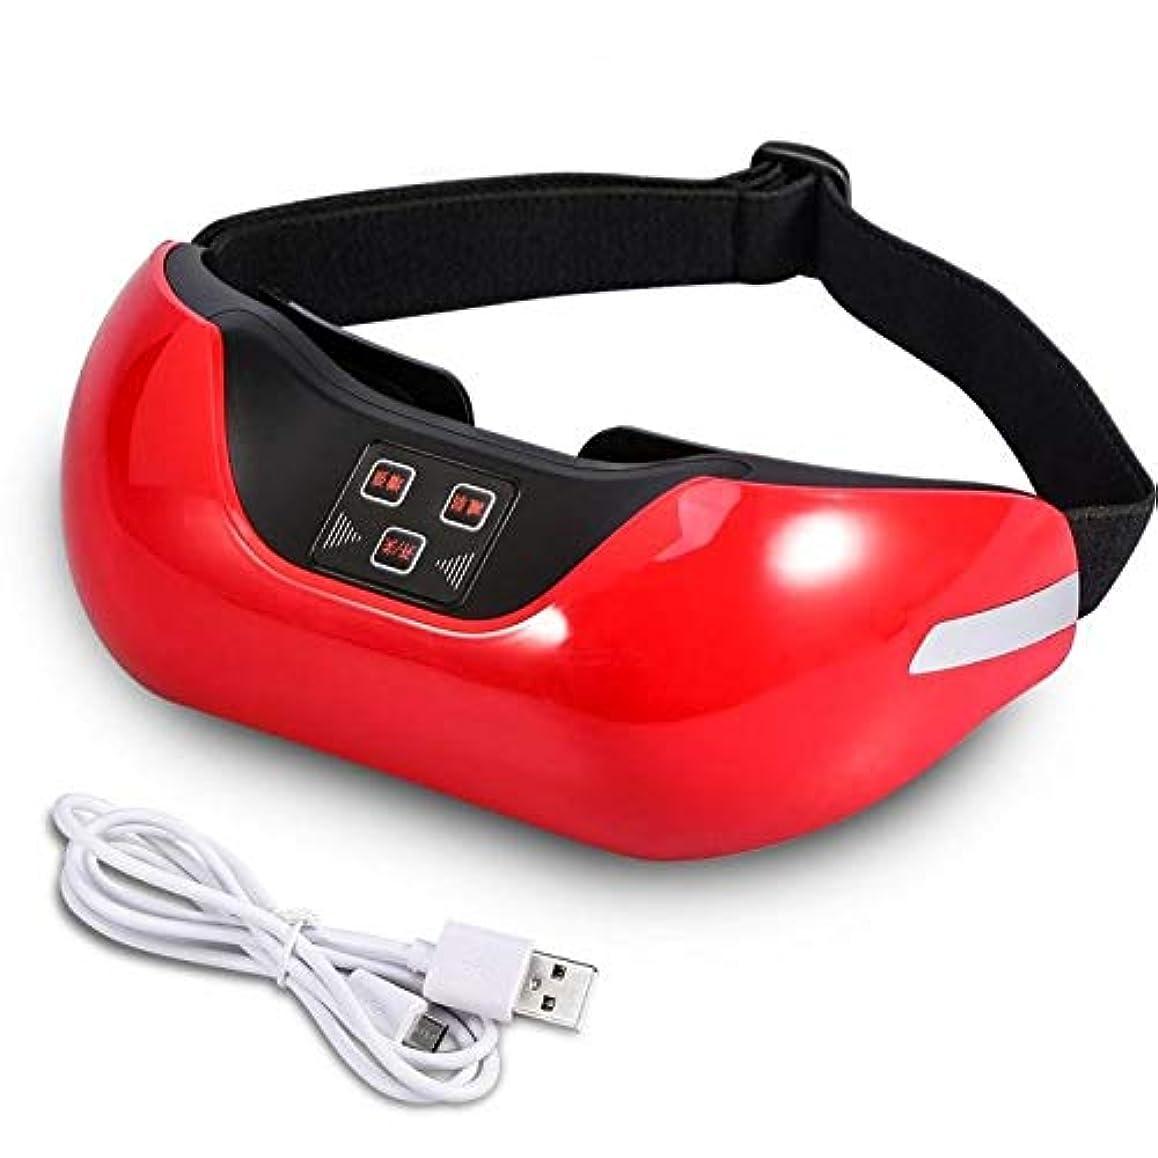 儀式数学者ラブRuzzy 緑色光アイマッサージャー付き3D充電式マッサージャー 購入へようこそ (Color : Red)